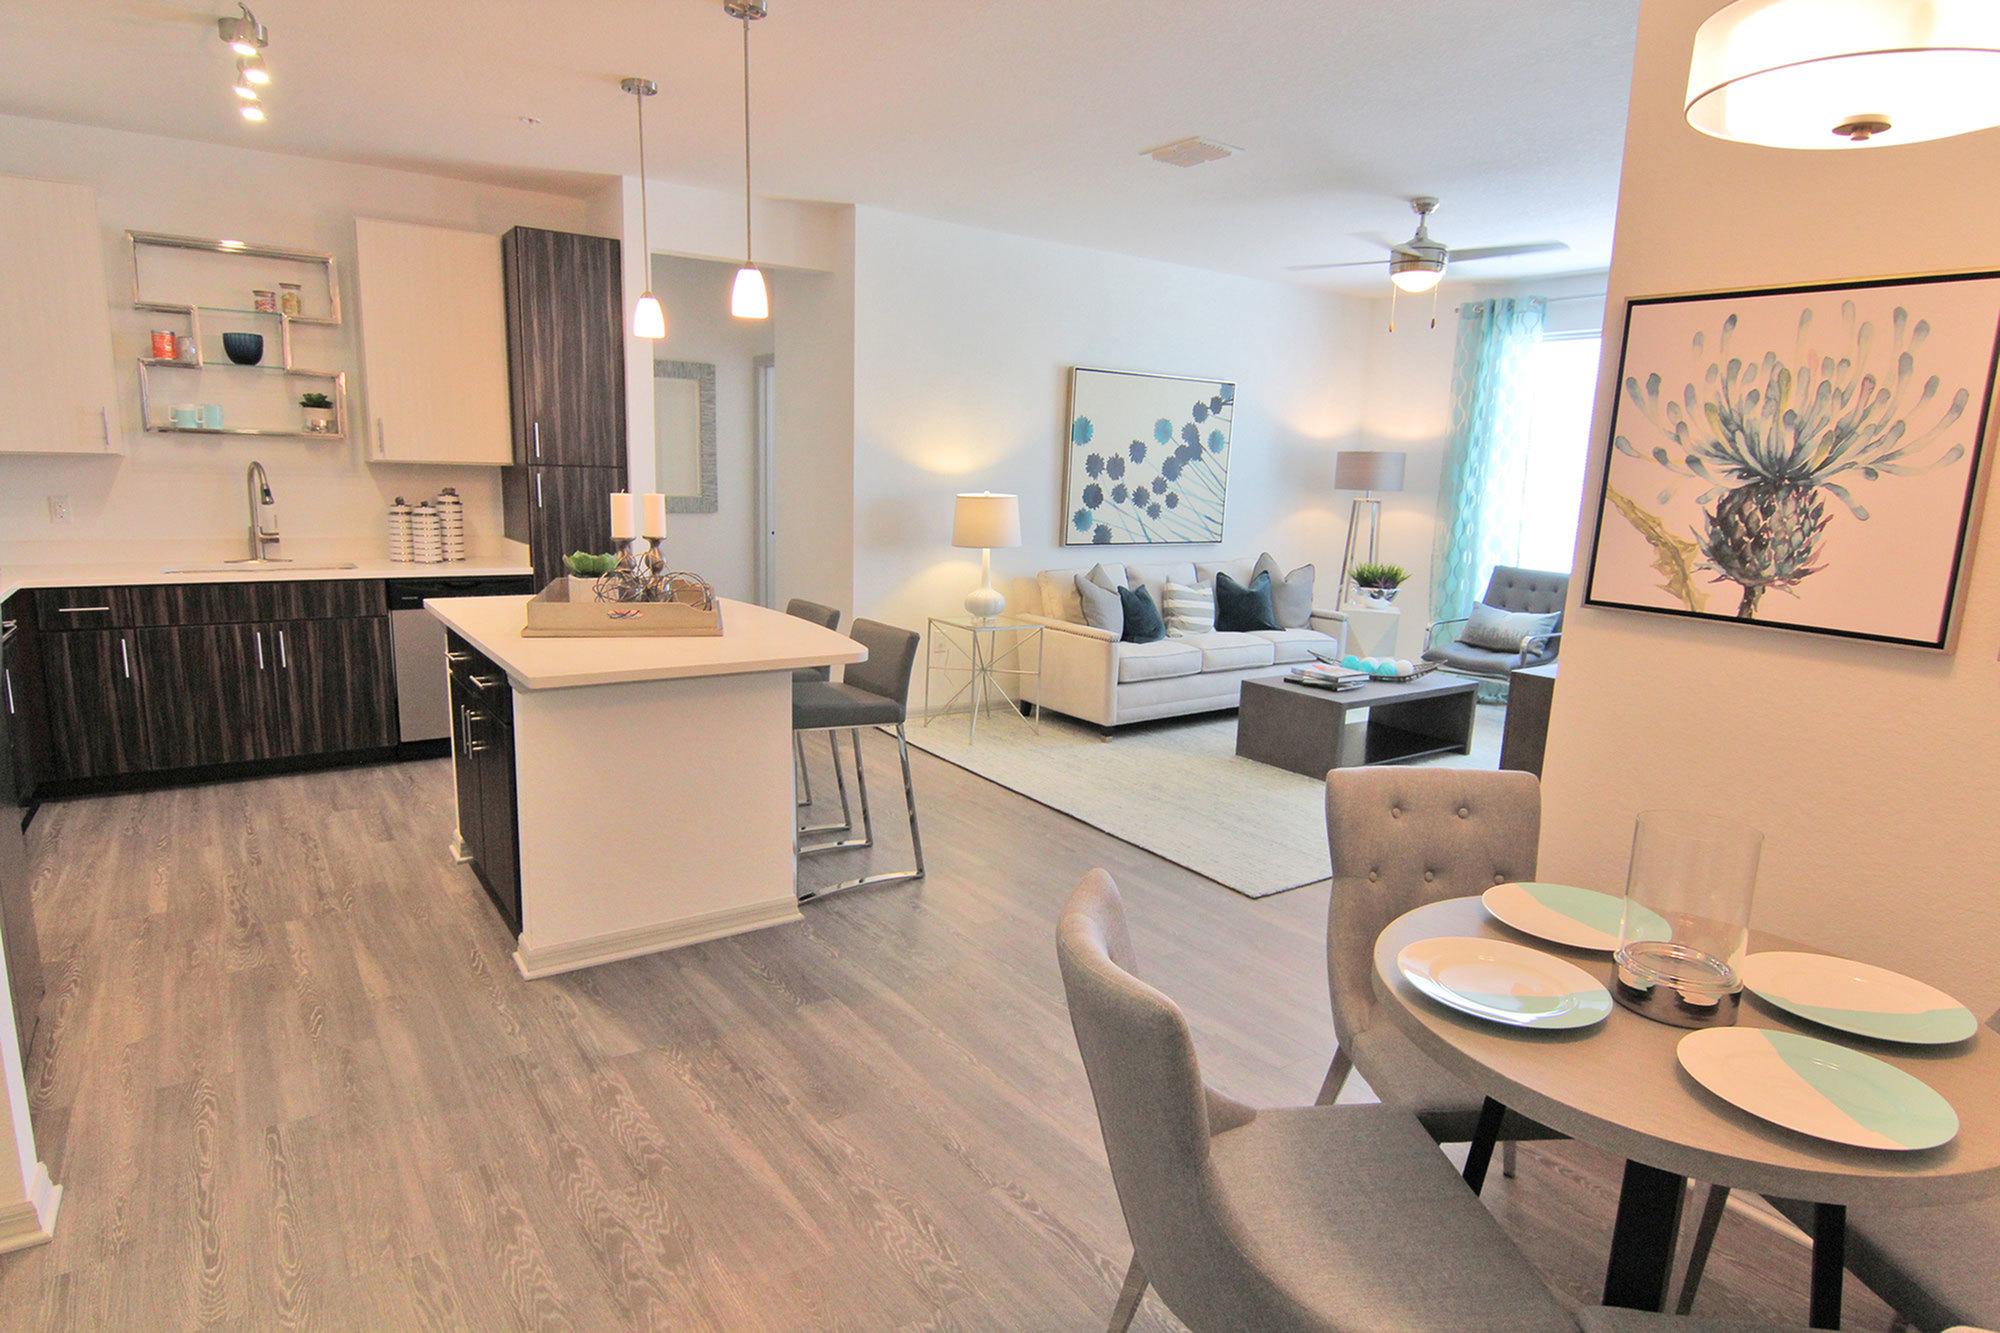 2 Bedroom, 2 Bathroom Radiant Model Dining, KitchenLiving Room